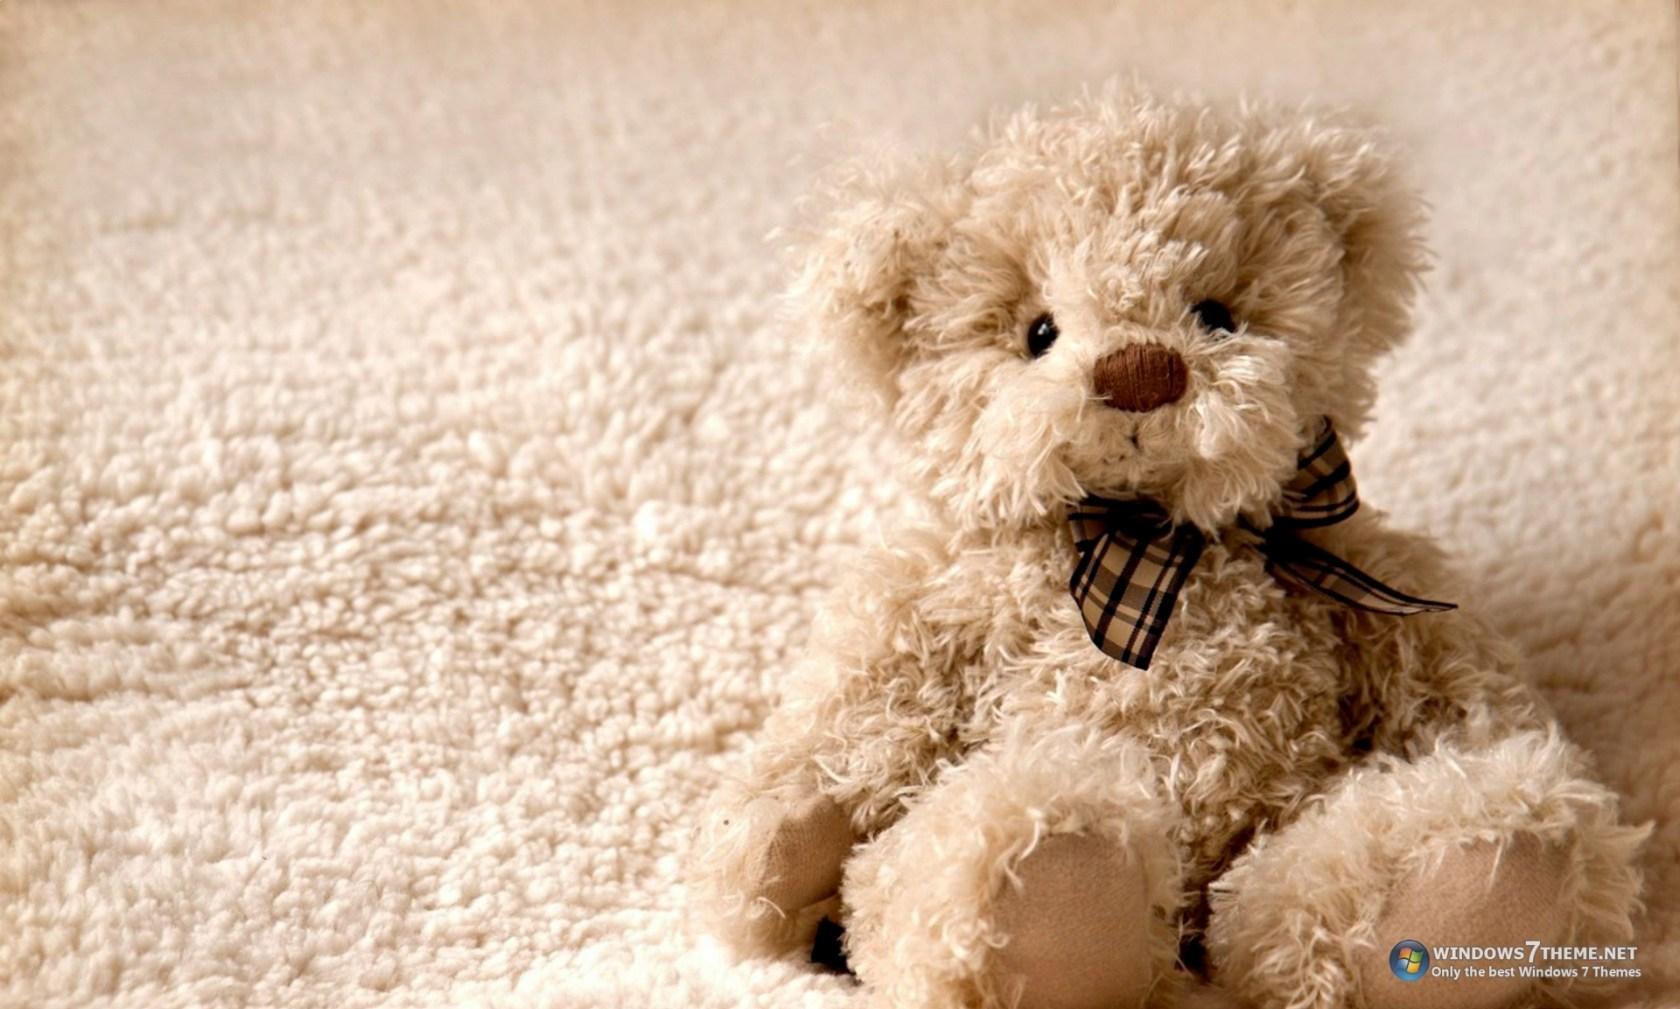 Teddy Bear Windows 7 Me